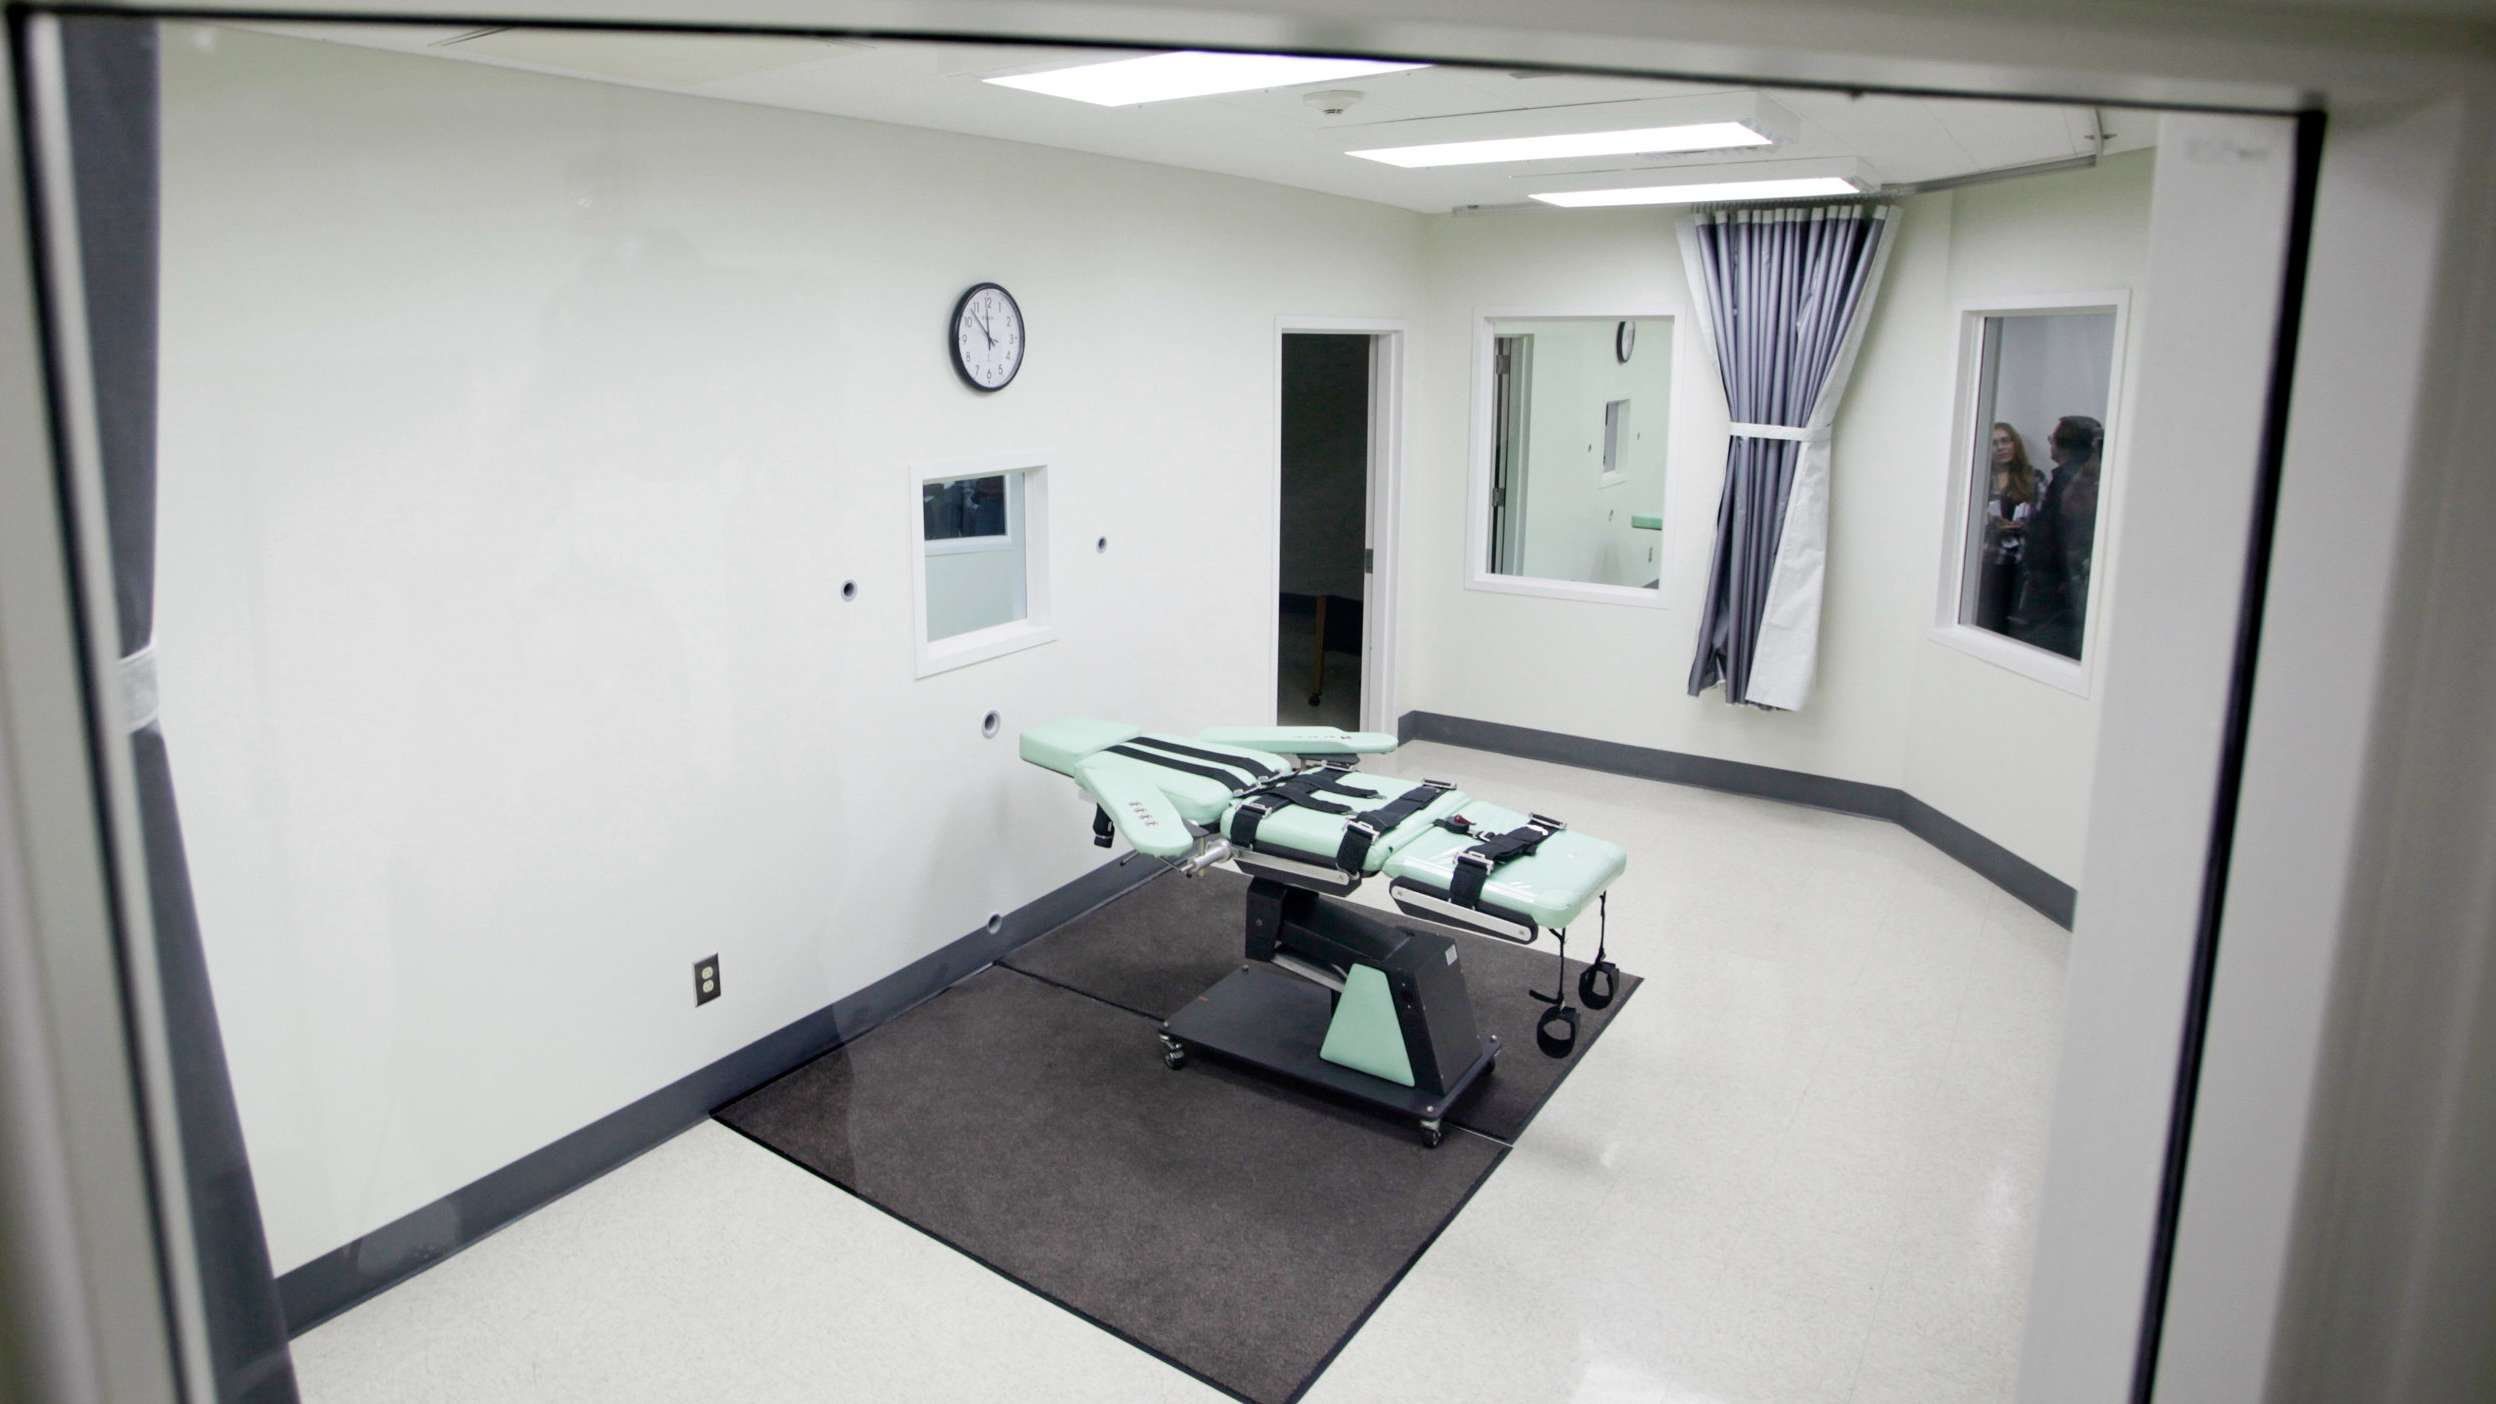 Hinrichtungskammer in den USA.